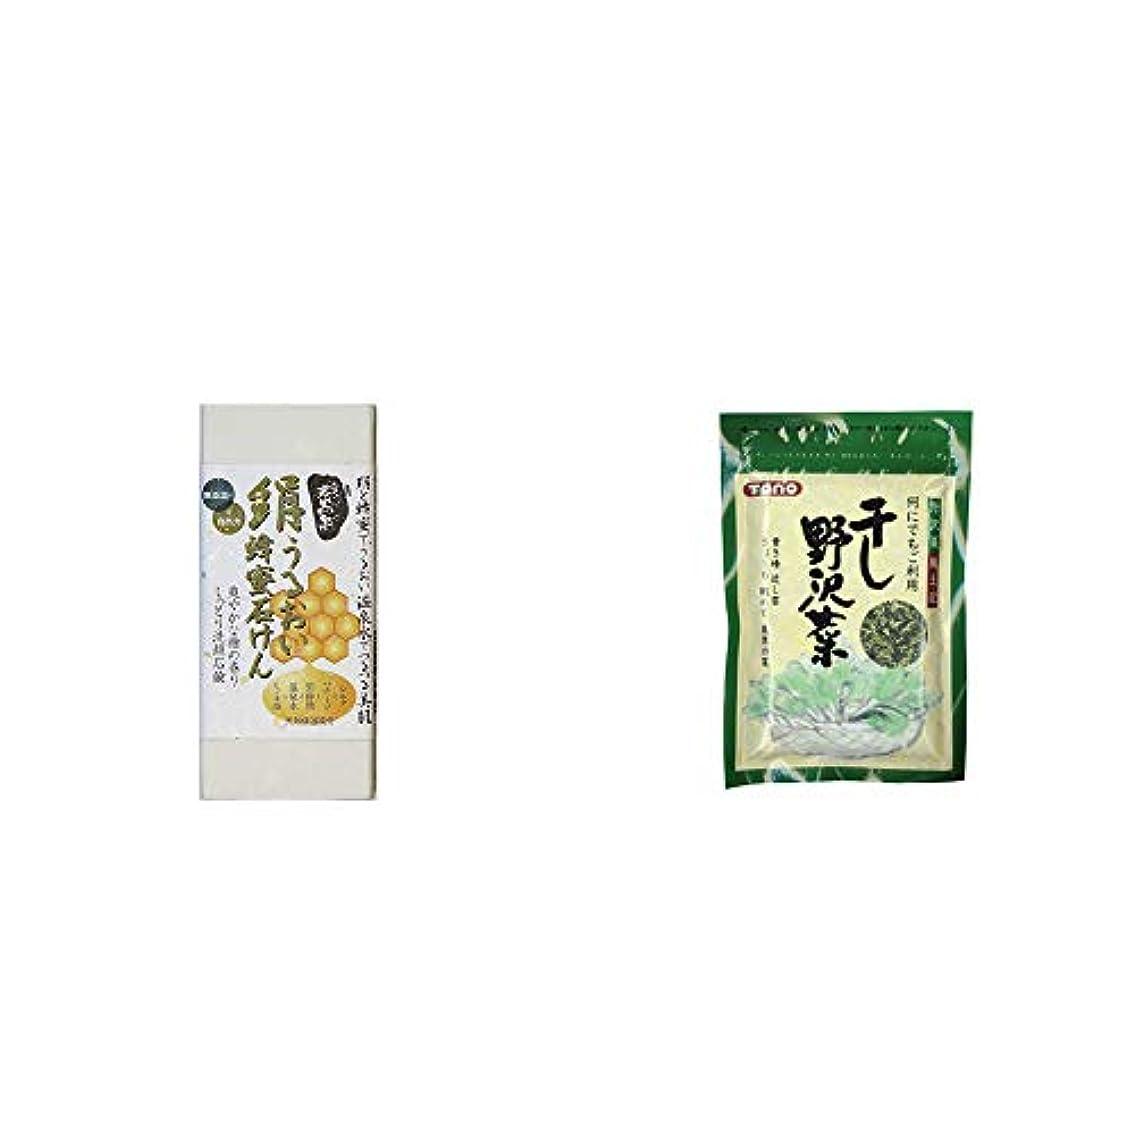 平日持続する辞任する[2点セット] ひのき炭黒泉 絹うるおい蜂蜜石けん(75g×2)?干し野沢菜(100g)